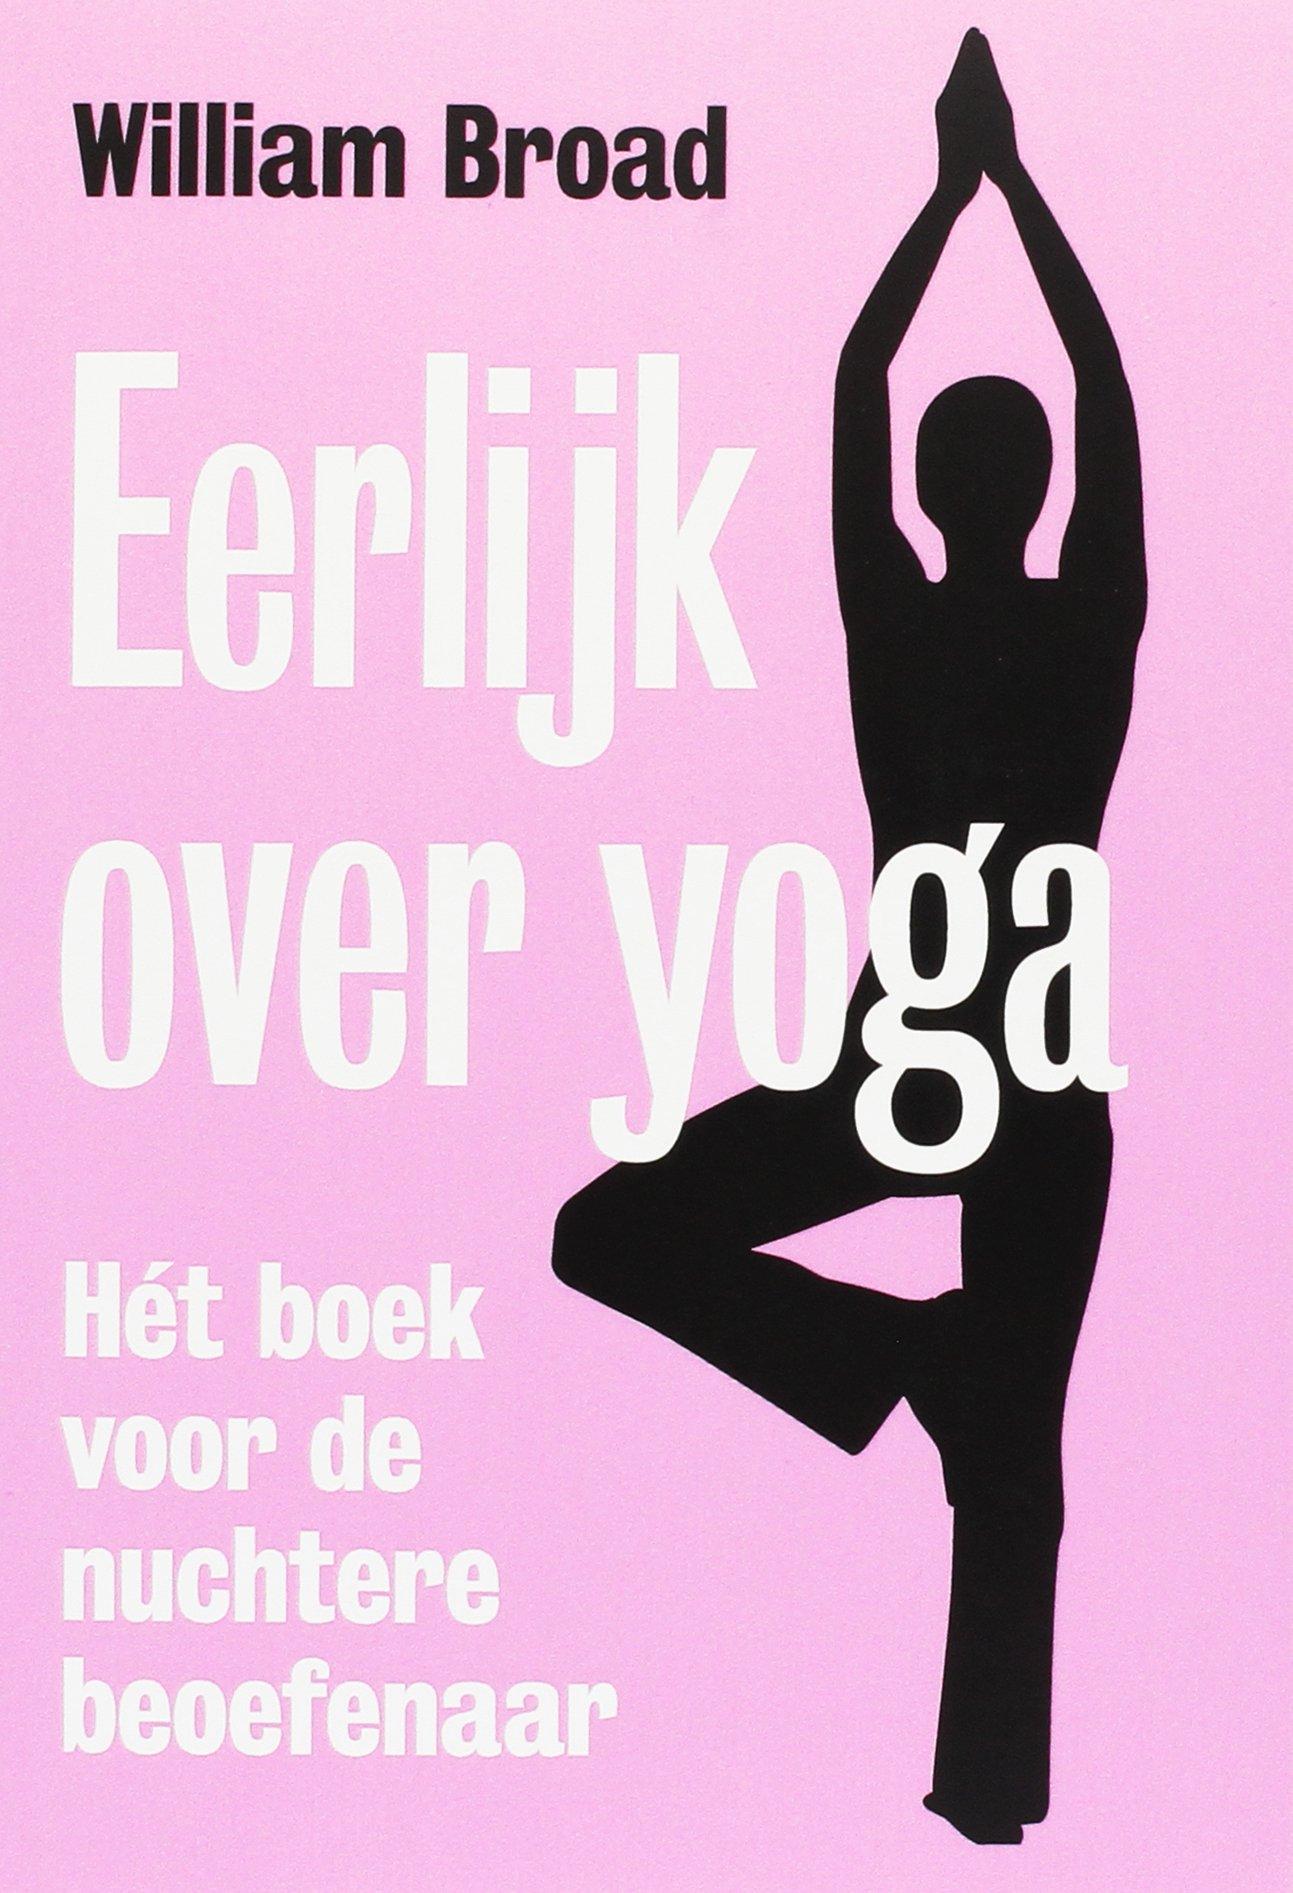 Eerlijk over yoga: het boek voor de nuchtere beoefenaar ...